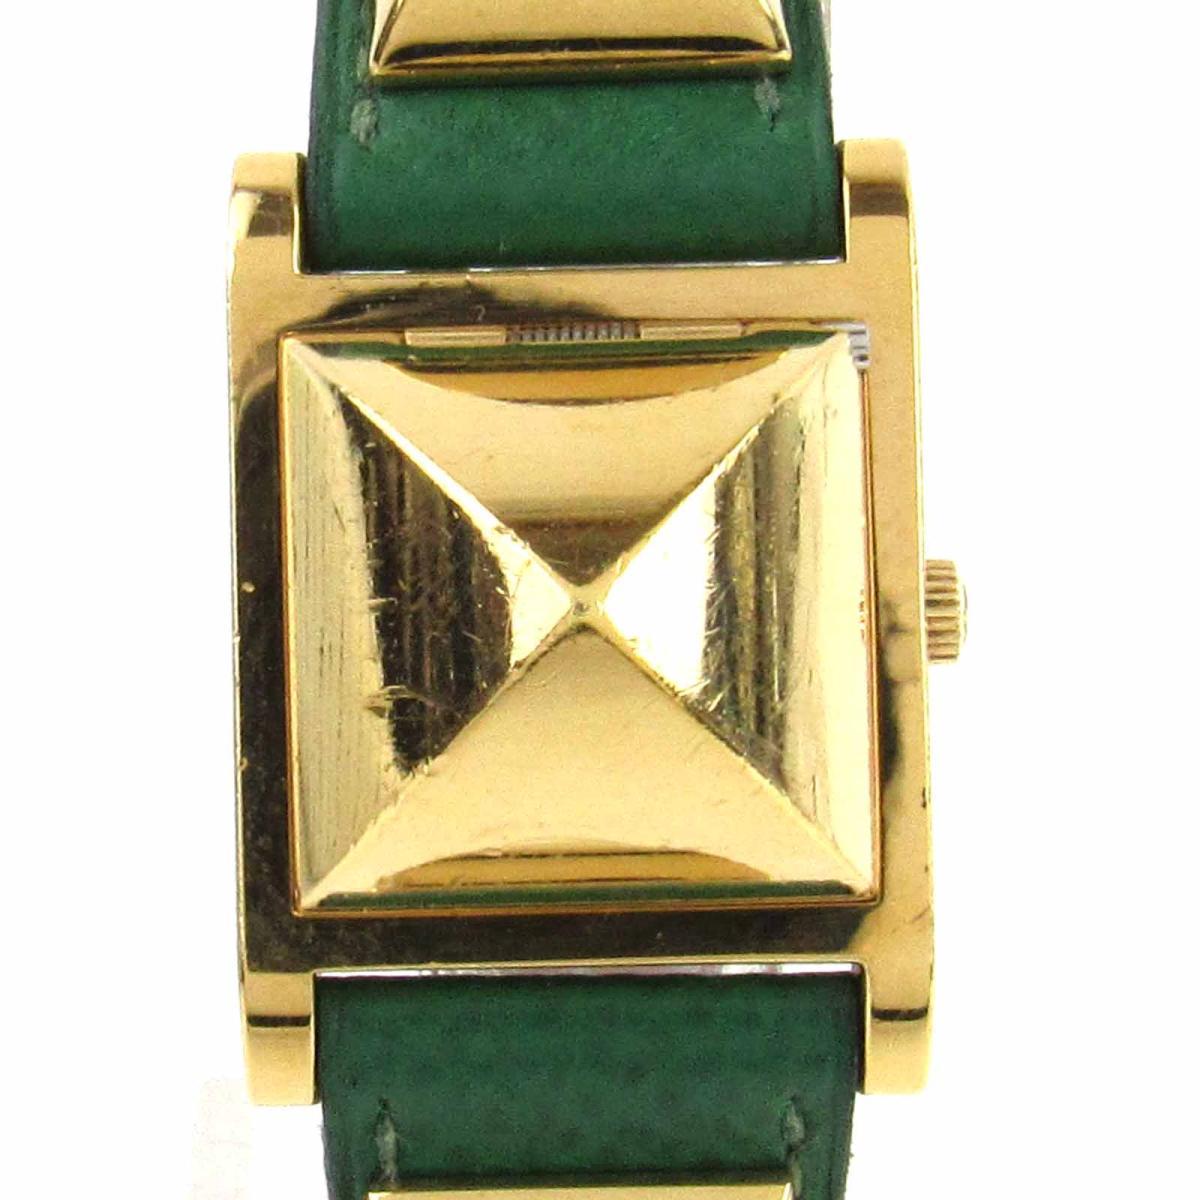 【中古】 エルメス メドール ウォッチ 腕時計 レディース レザーベルト x GP (ゴールドメッキ) | HERMES クオーツ クォーツ 時計 メドール 美品 ブランドオフ